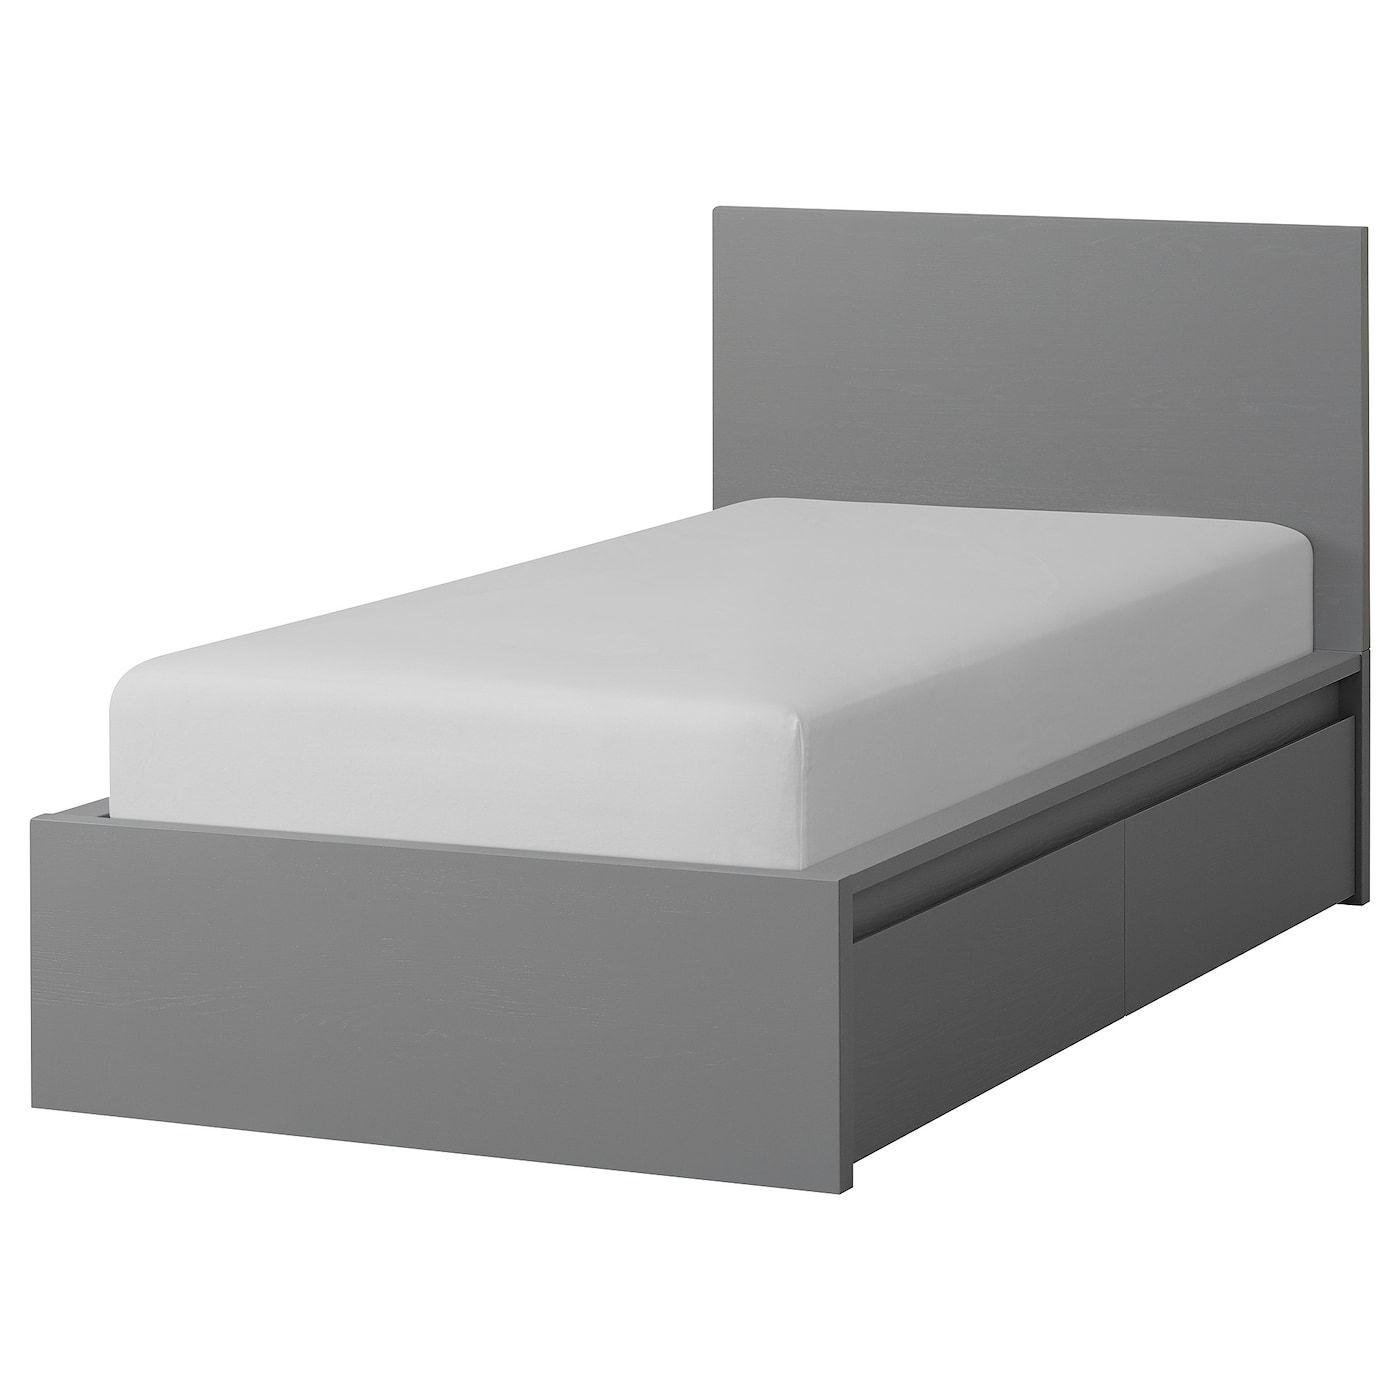 Malm Bettgestell Hoch Mit 2 Schubkasten Grau Las Leirsund In 2020 Malm Bett Verstellbare Betten Und Bettgestell